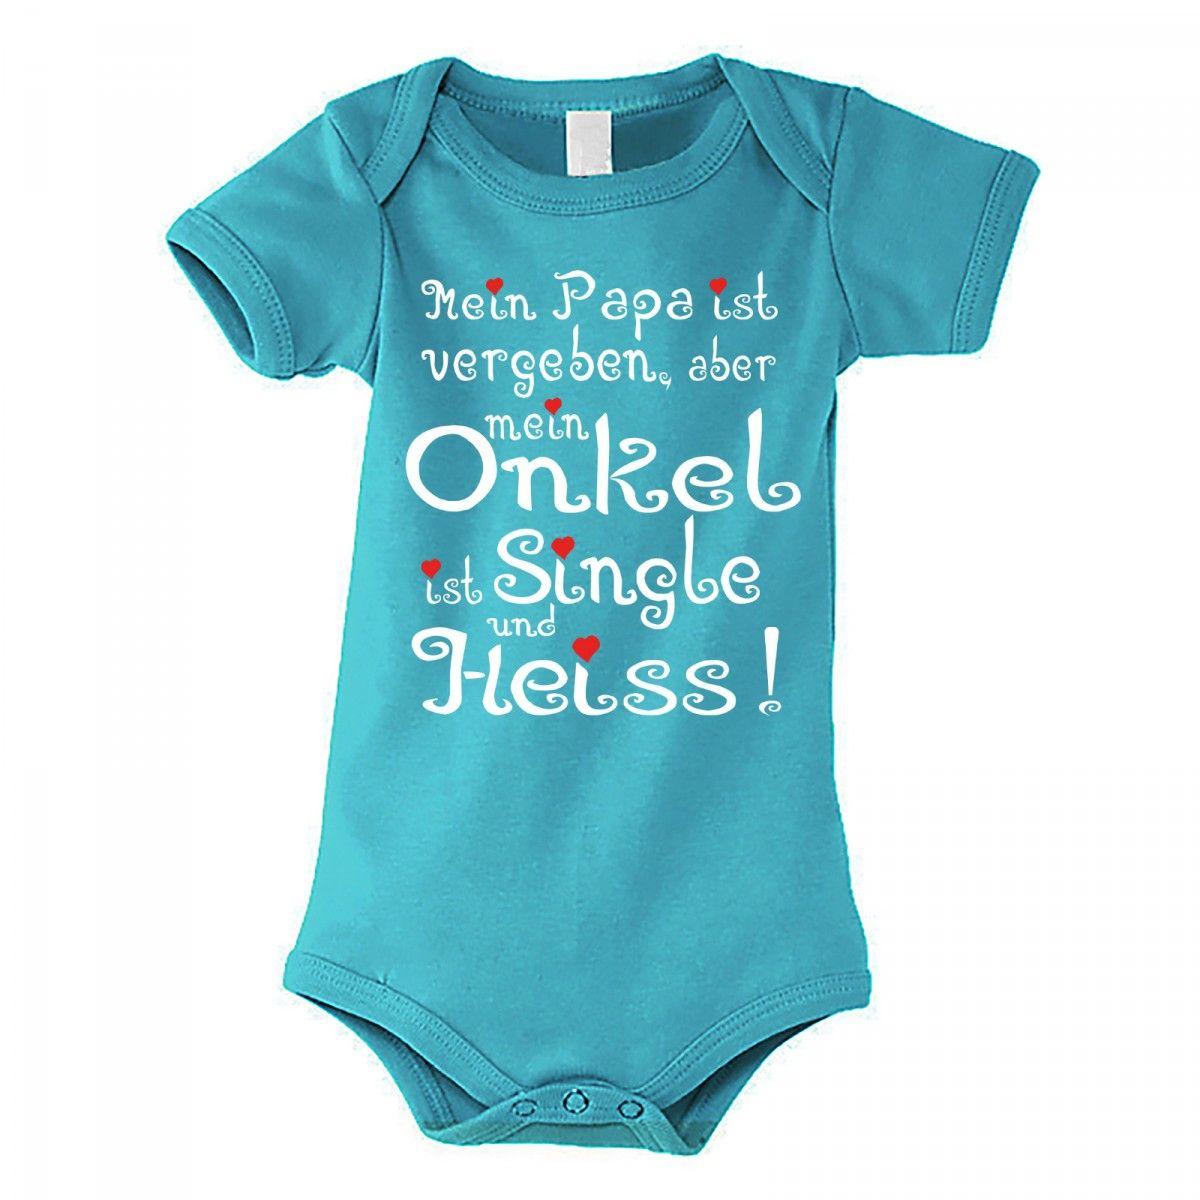 Ich möchte ein Baby, aber ich bin single